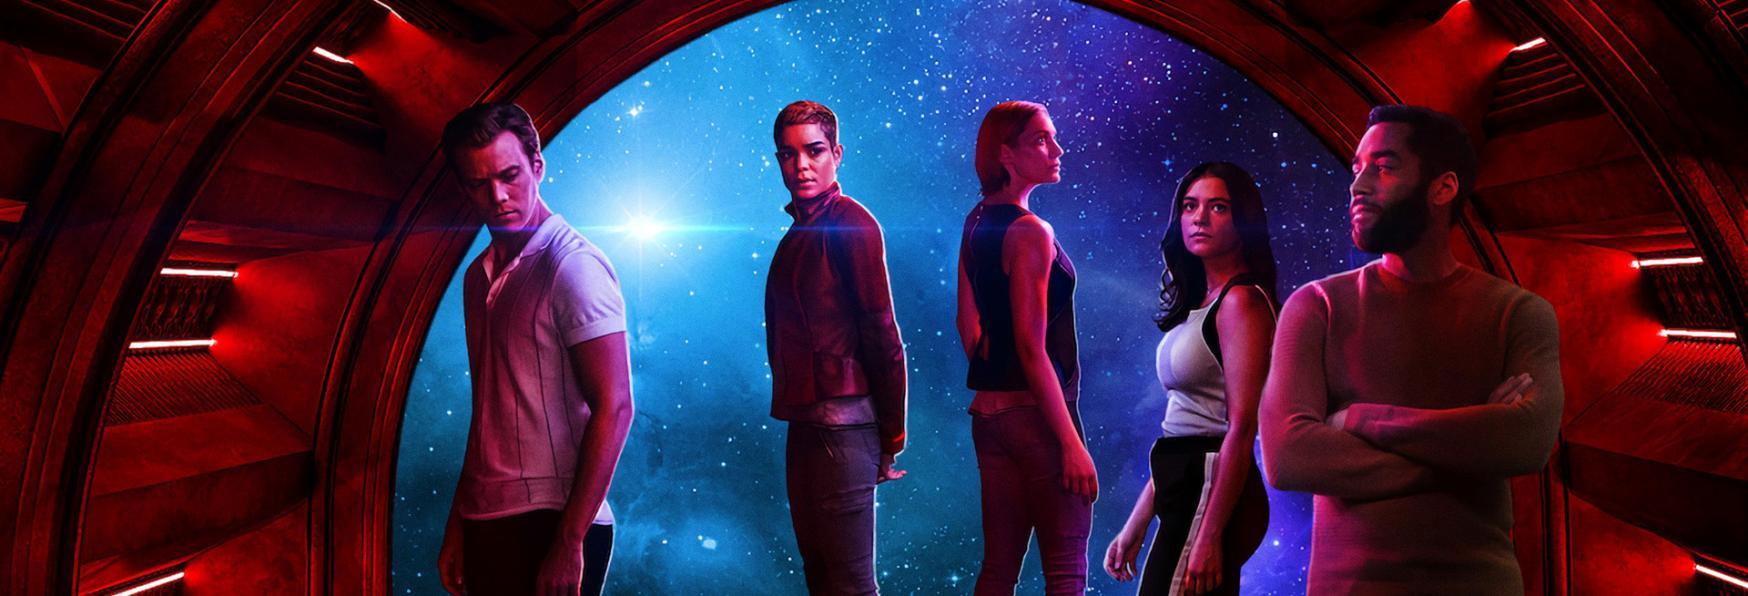 Another Life: Online il Trailer della nuova Serie TV Sci-fi di Netflix